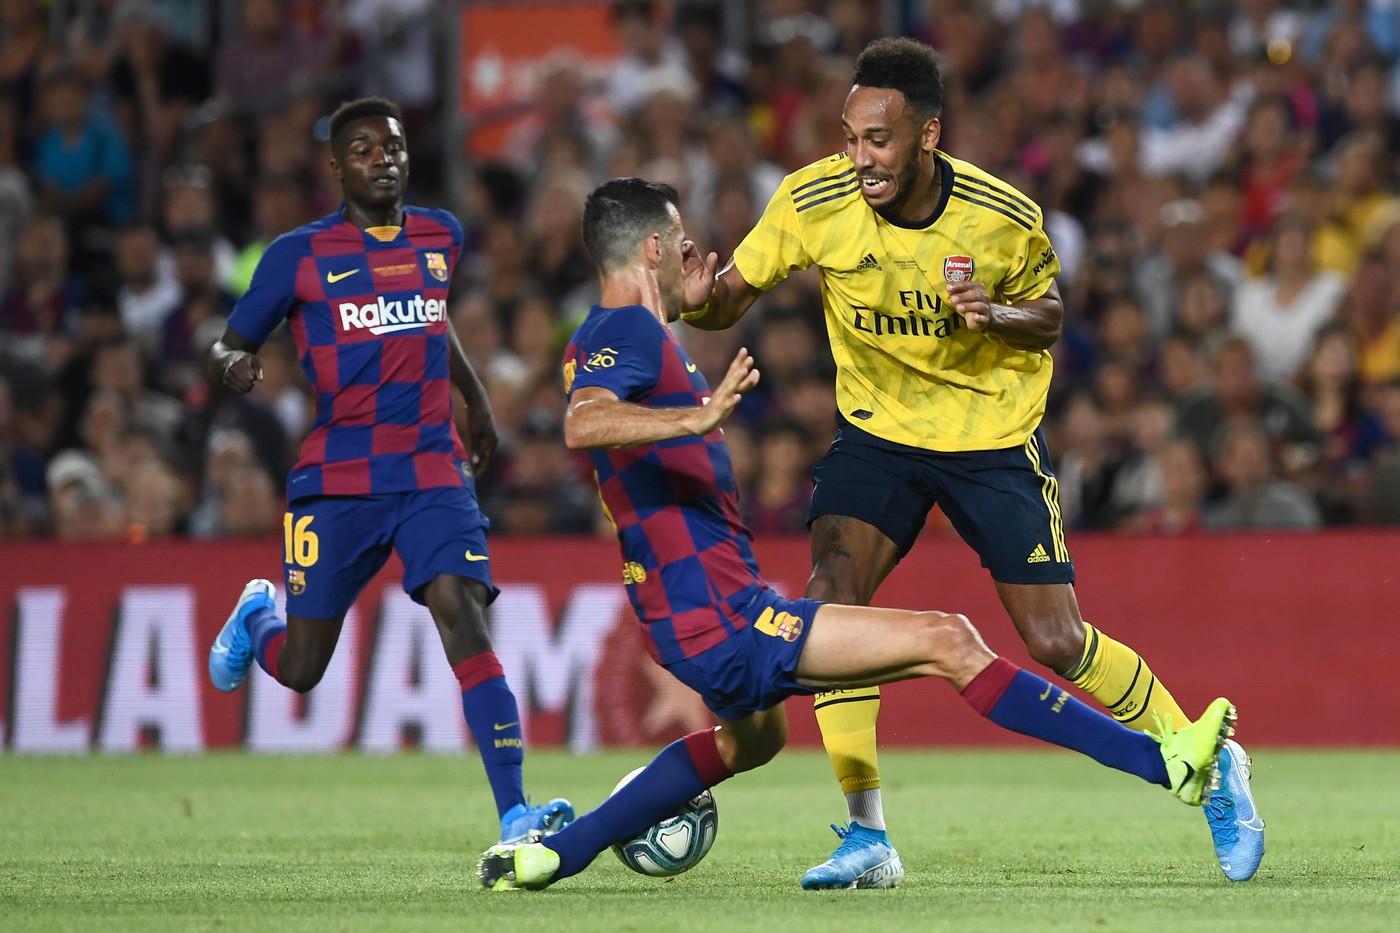 Il Barcellona conquista il Trofeo Gamper. Al Camp Nou, nel giorno della presentazione della squadra per la nuova stagione, i blaugrana battono 2-1 l&#...